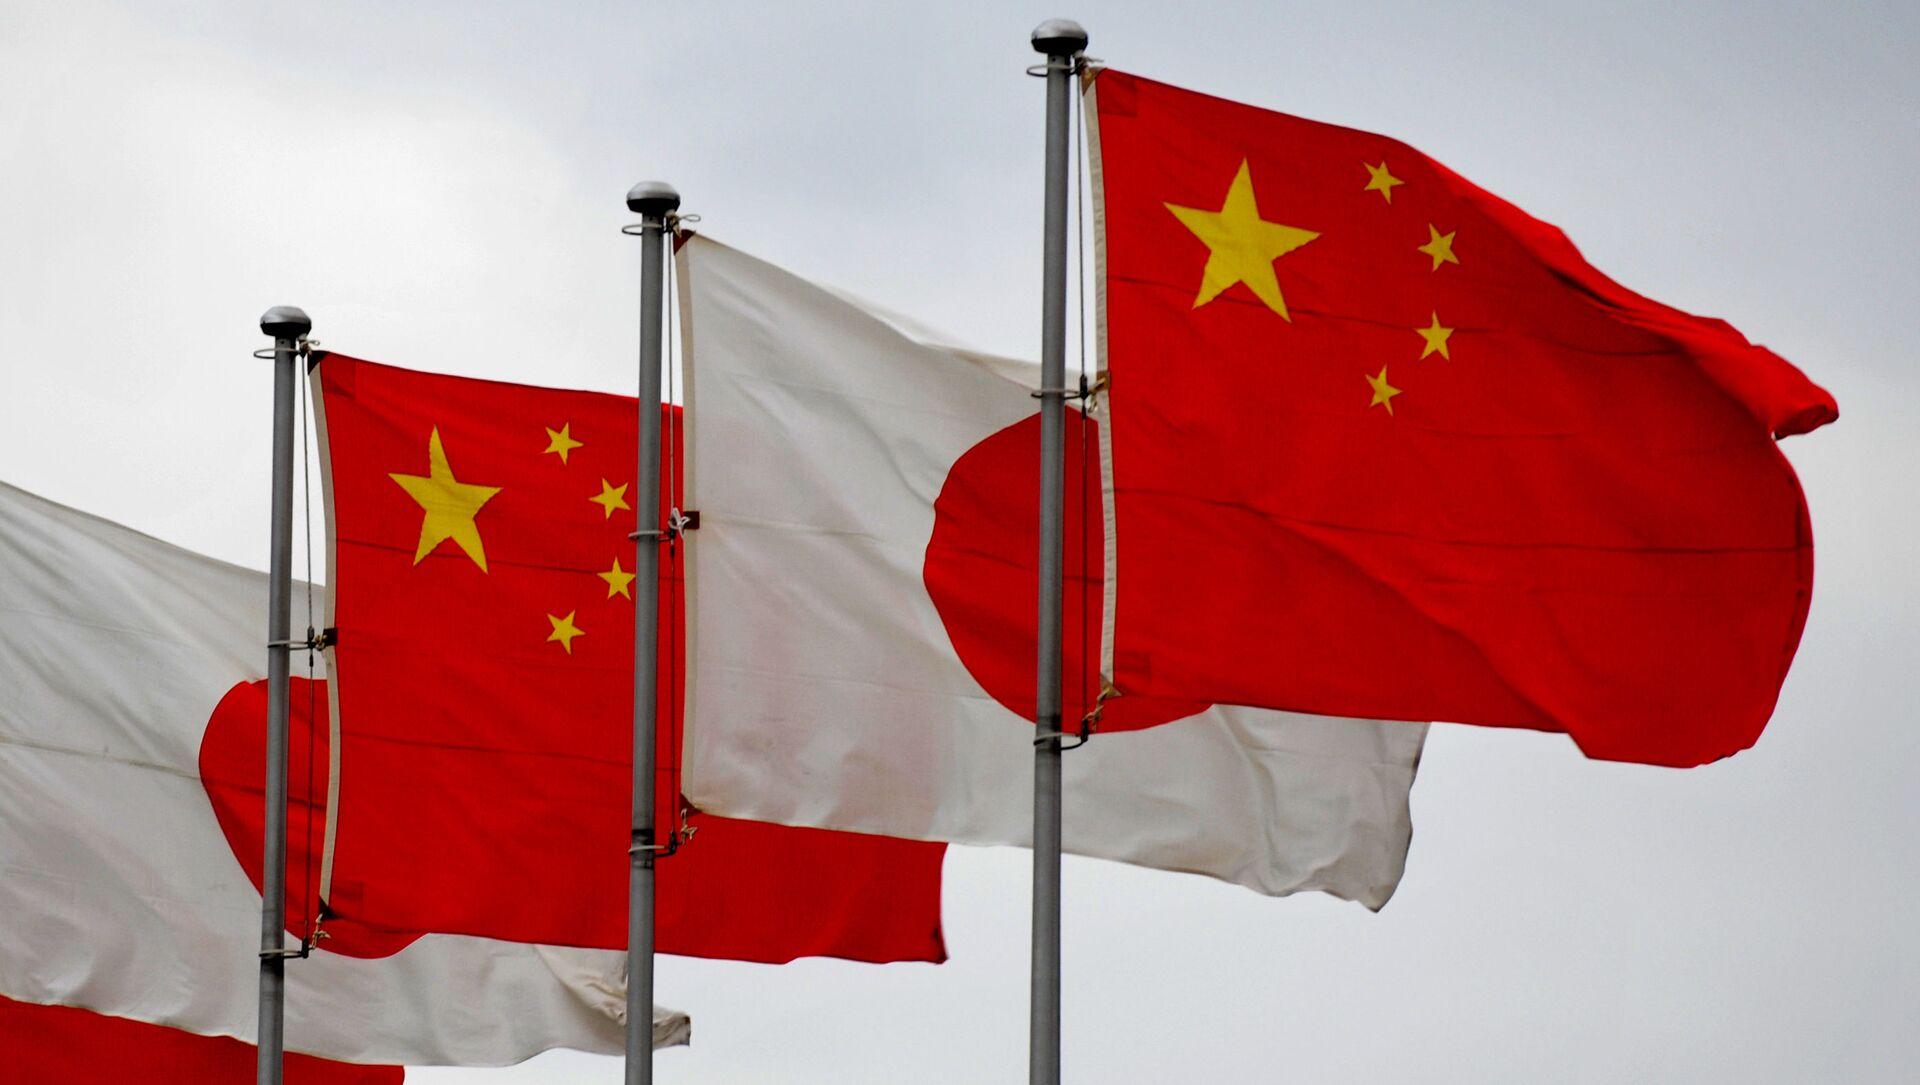 日本と中国の旗 - Sputnik 日本, 1920, 19.05.2021